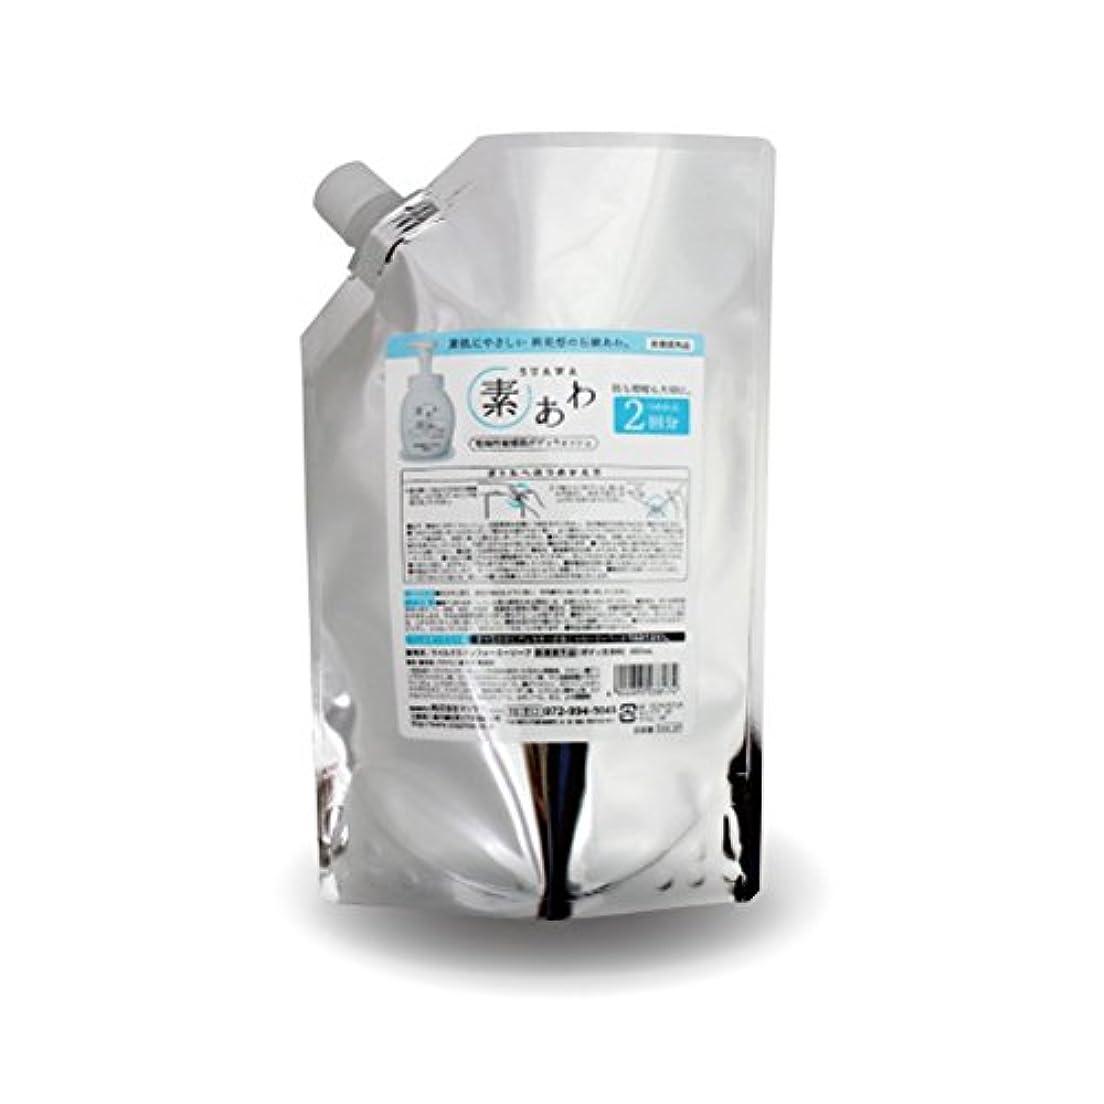 笑塩輸送薬用 素あわ 泡タイプ ボディソープ 詰替2回分パウチ 800mL 乾 燥 肌 ? 敏 感 肌 に